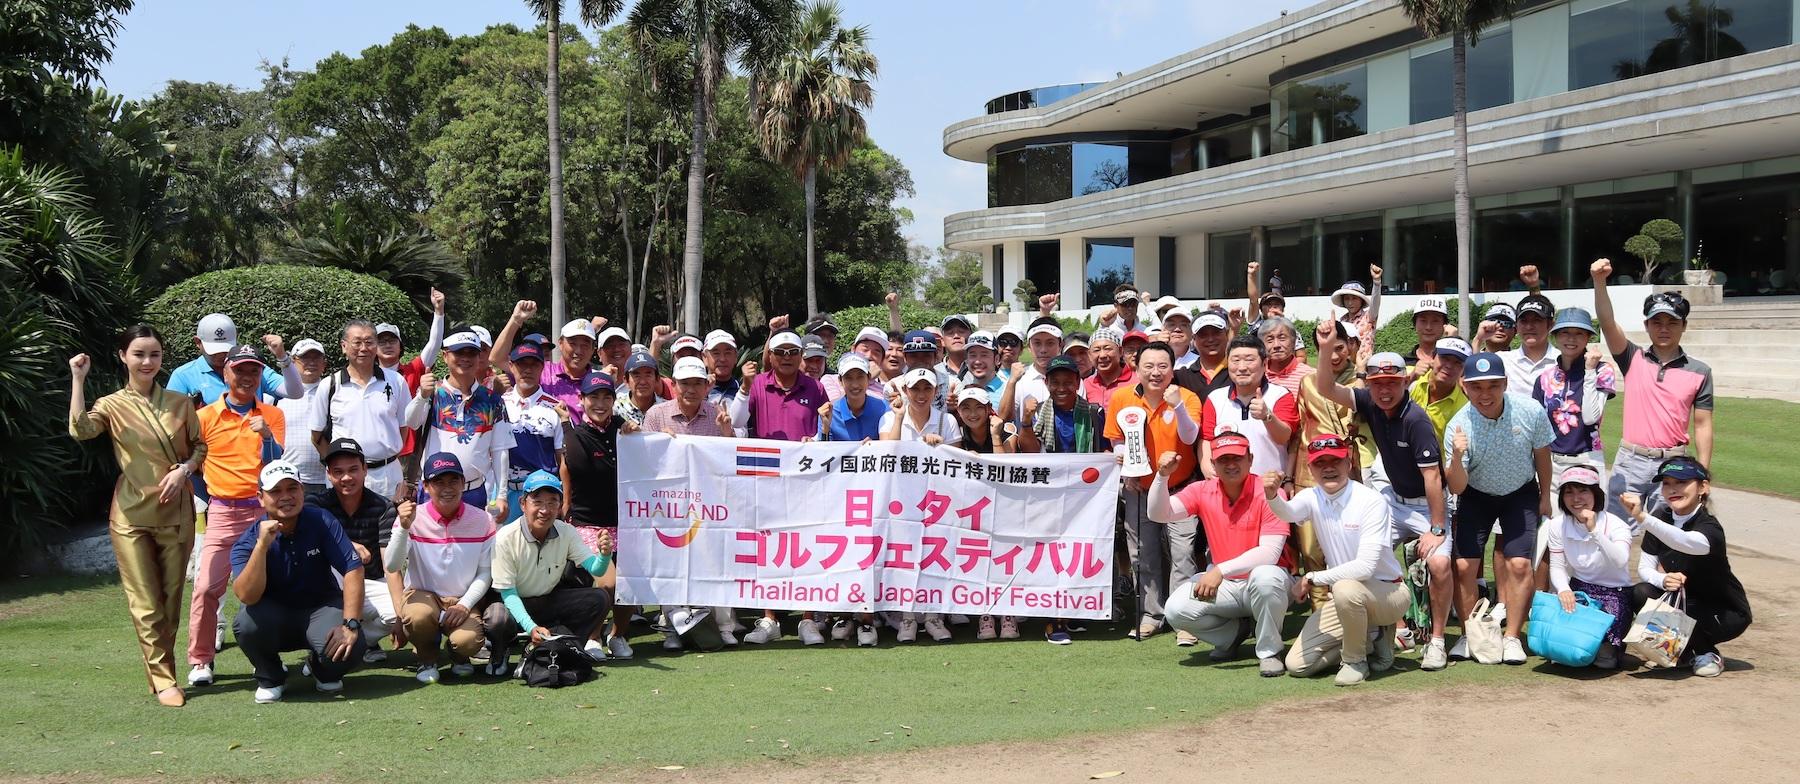 日・タイゴルフフェスティバル2019